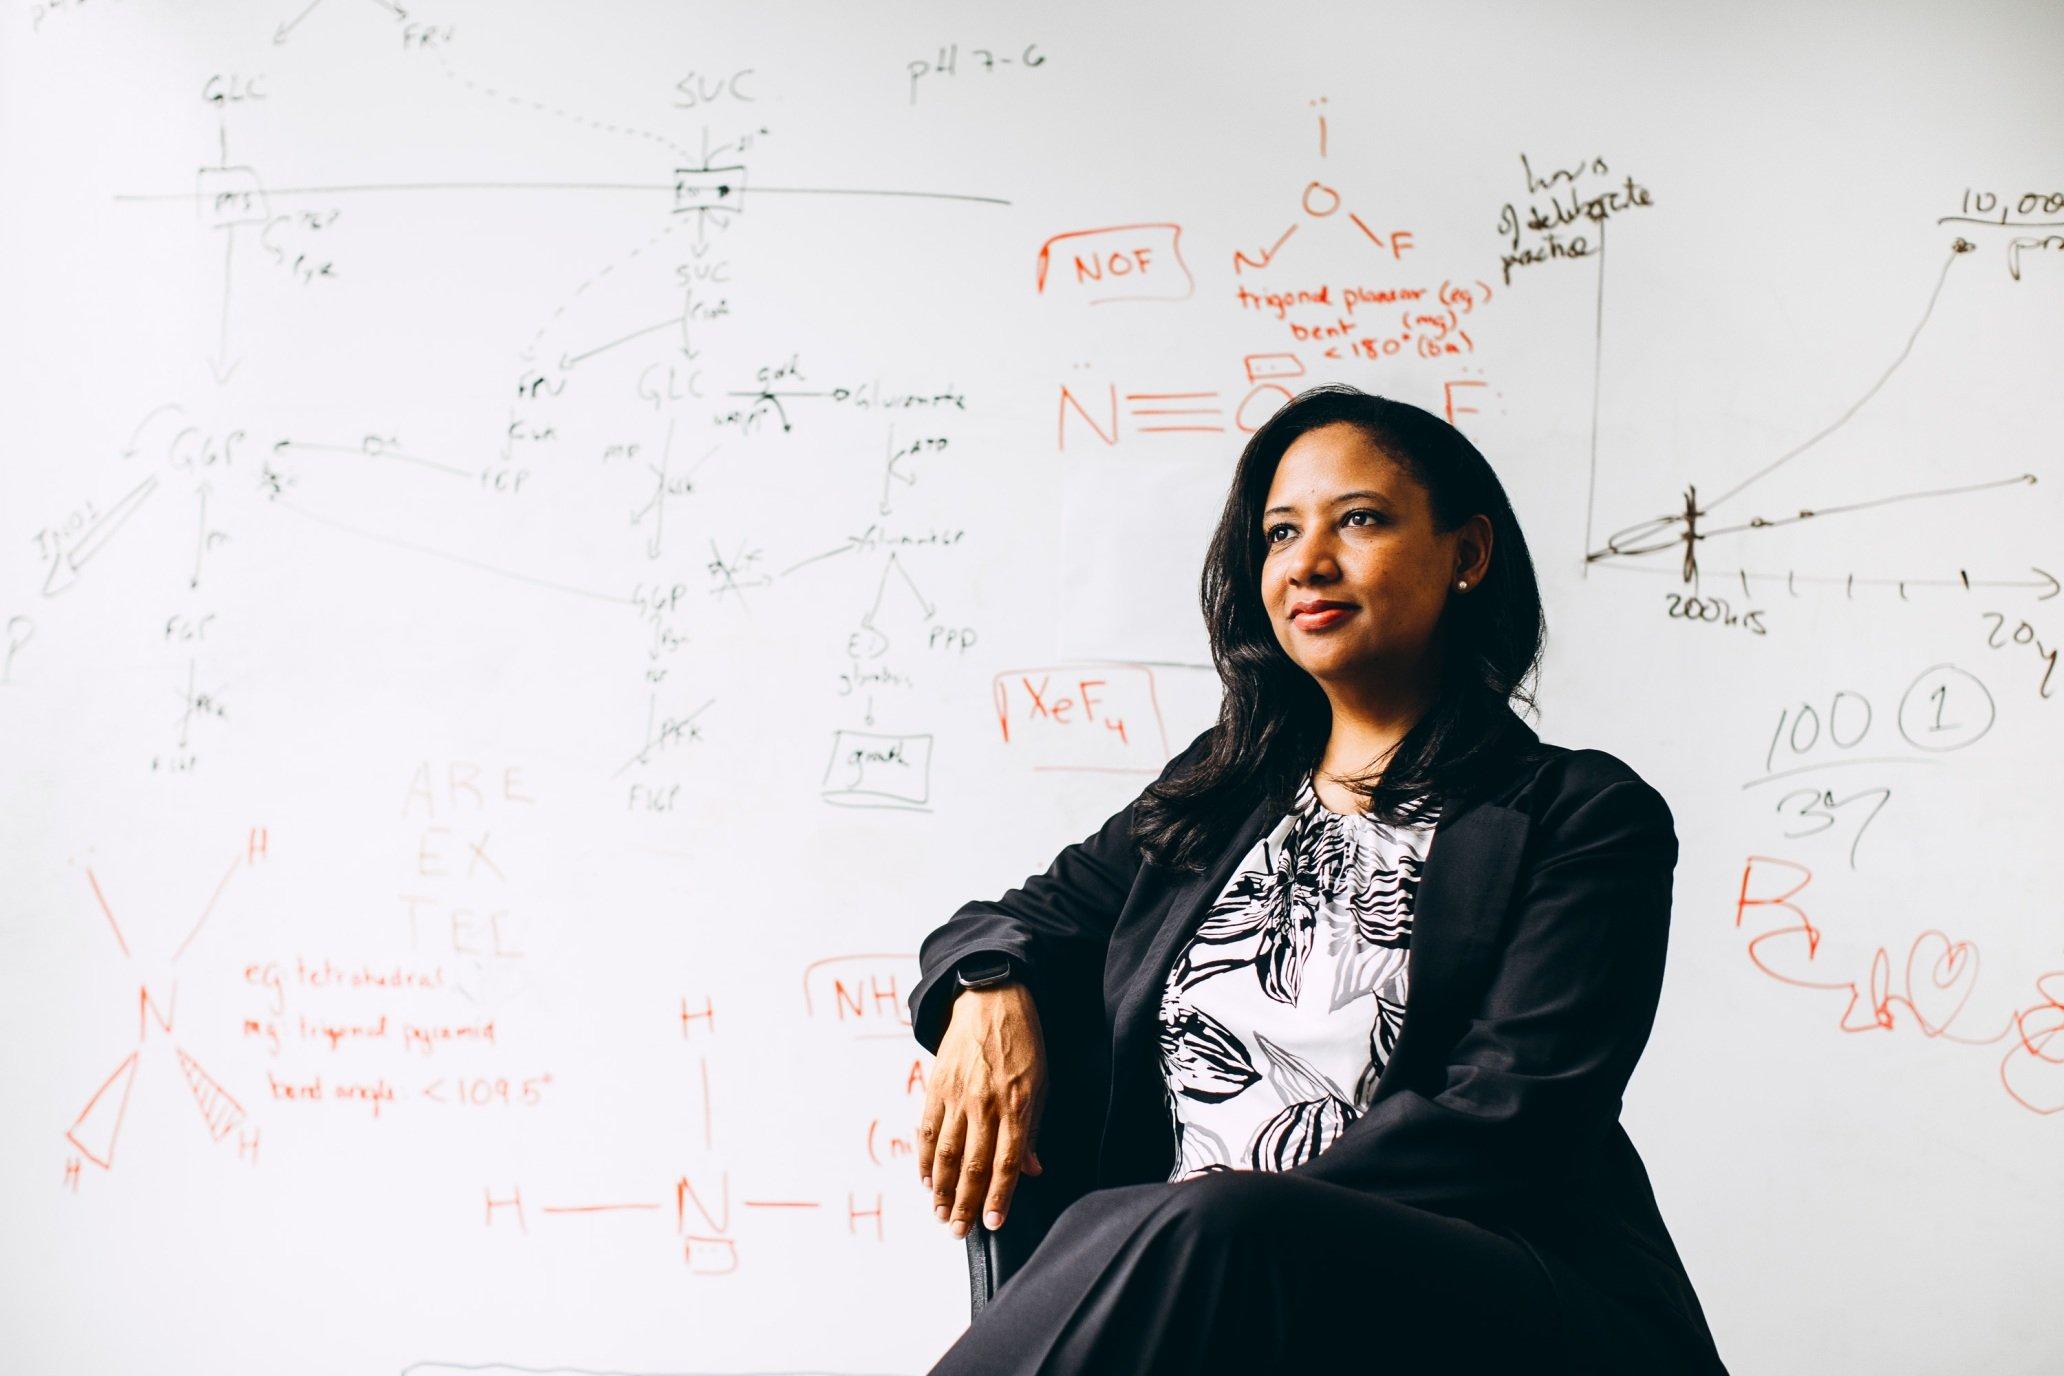 Professor Kristala Jones Prather '94